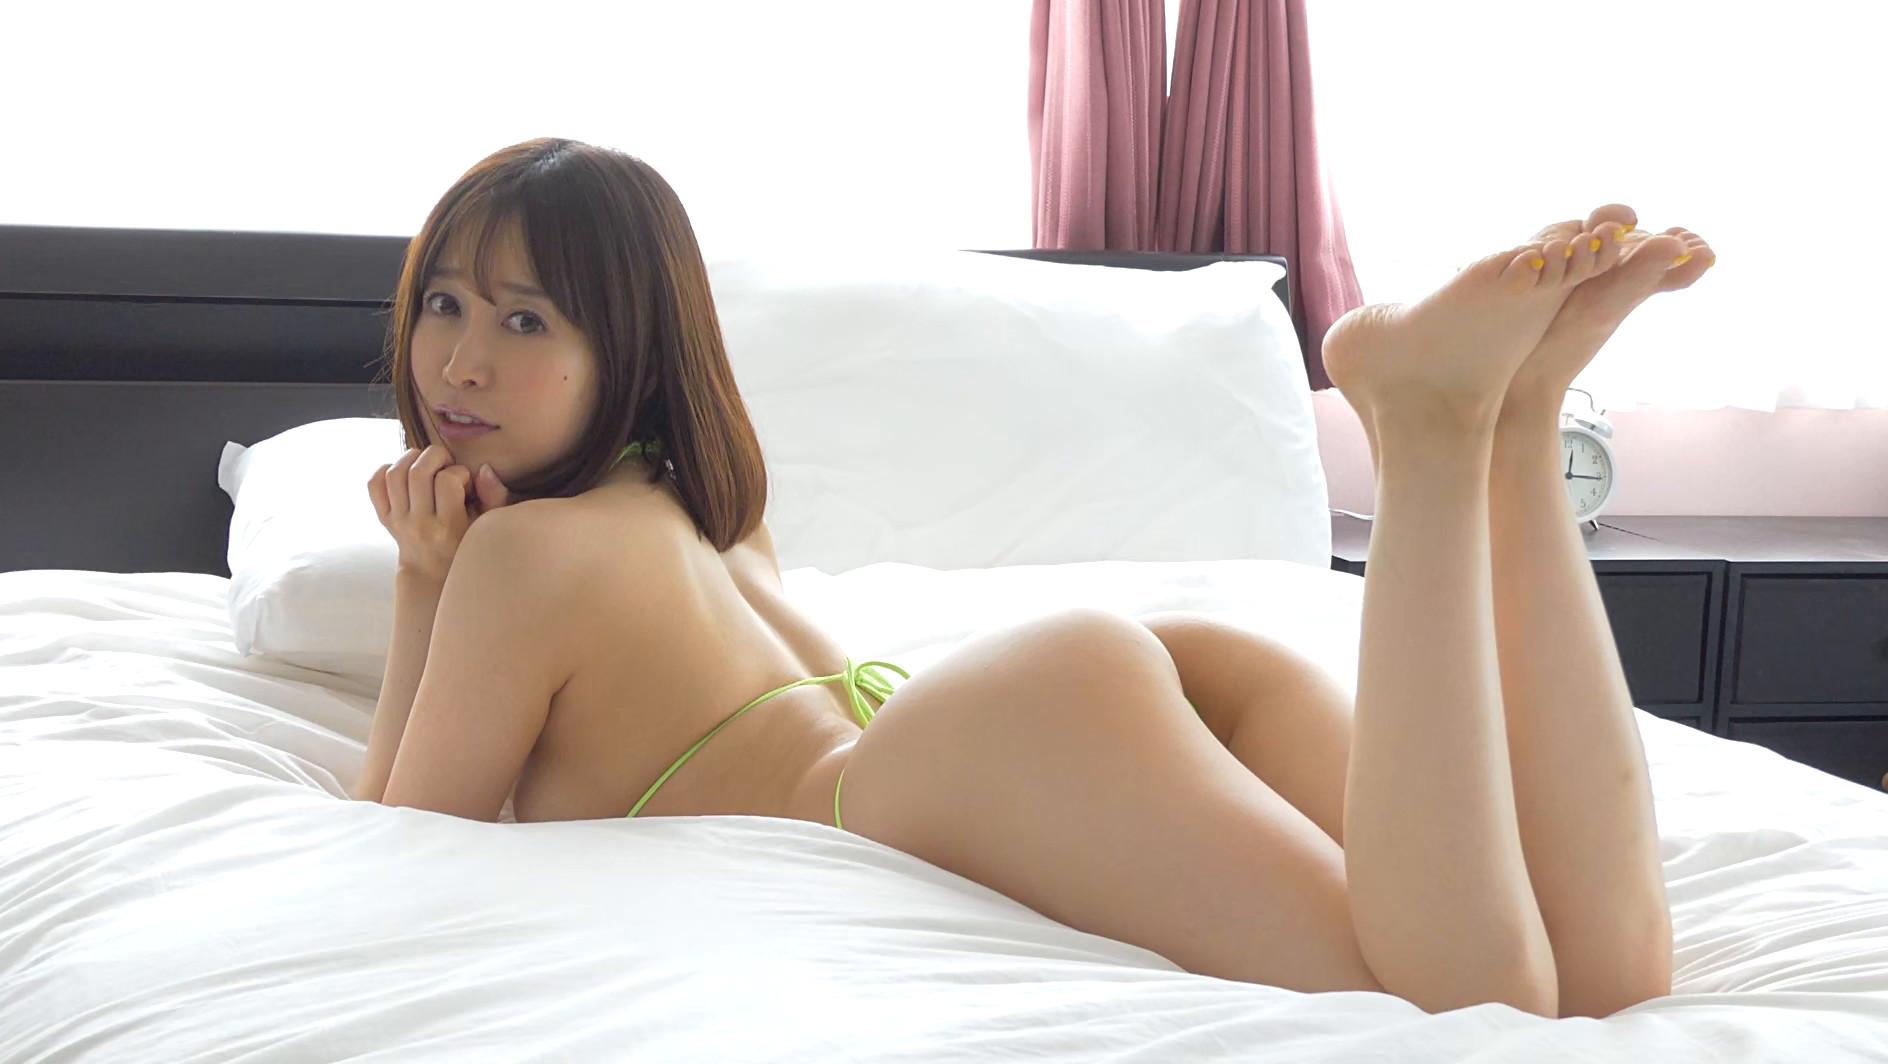 ヘアーヌード~無修正・美巨乳Fカップ・美尻・セクシー女優~ 篠田ゆう 画像11